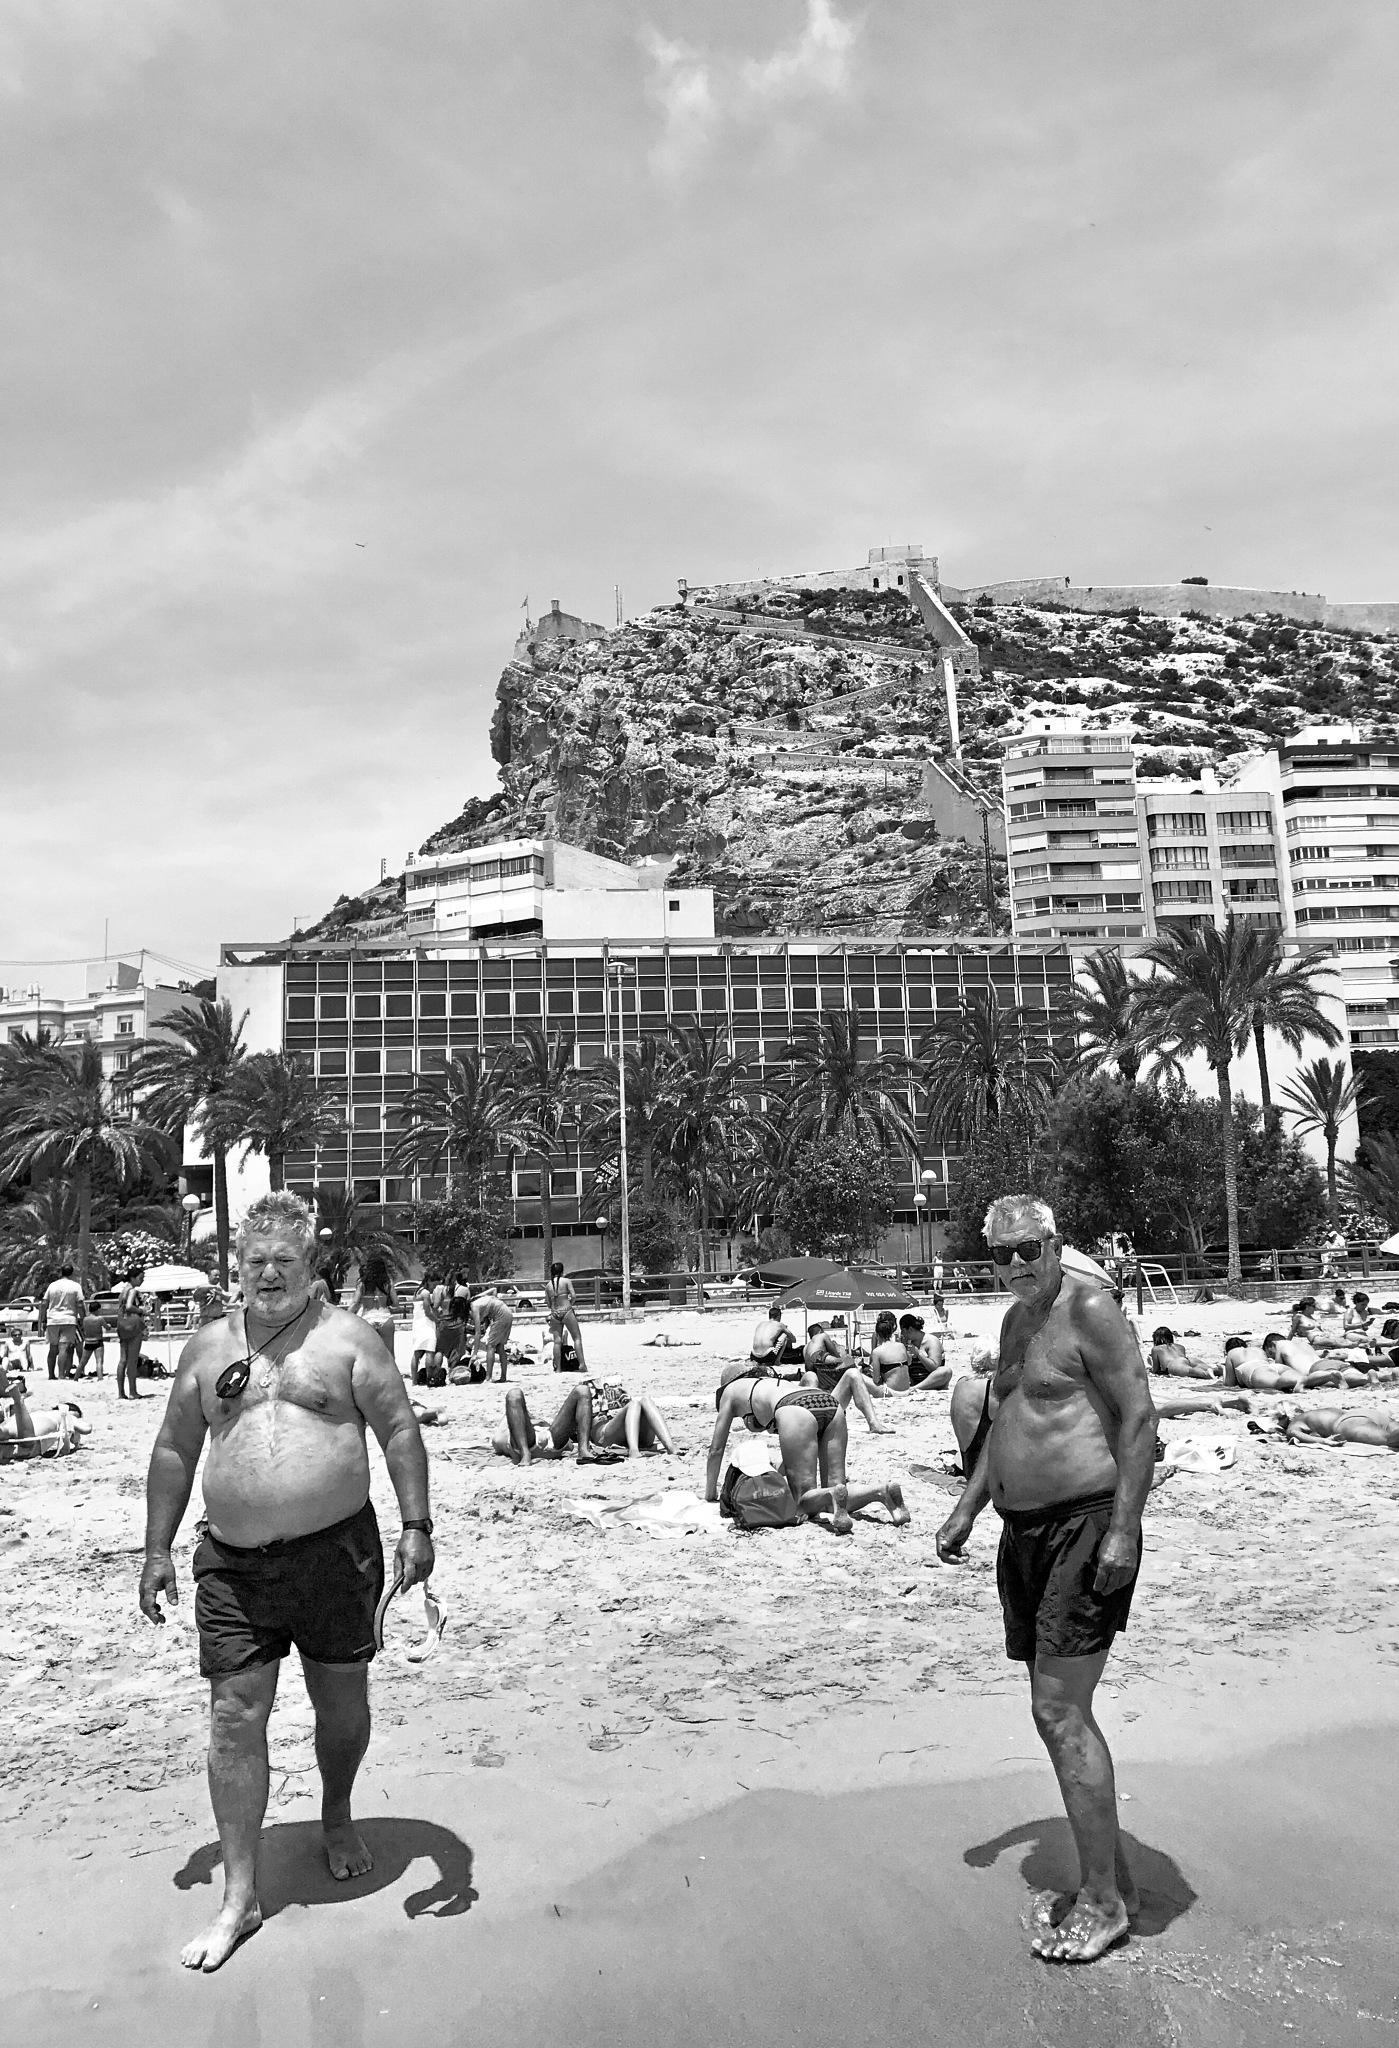 Two men on playa Postiguet, Alicante  by Duane Bridger